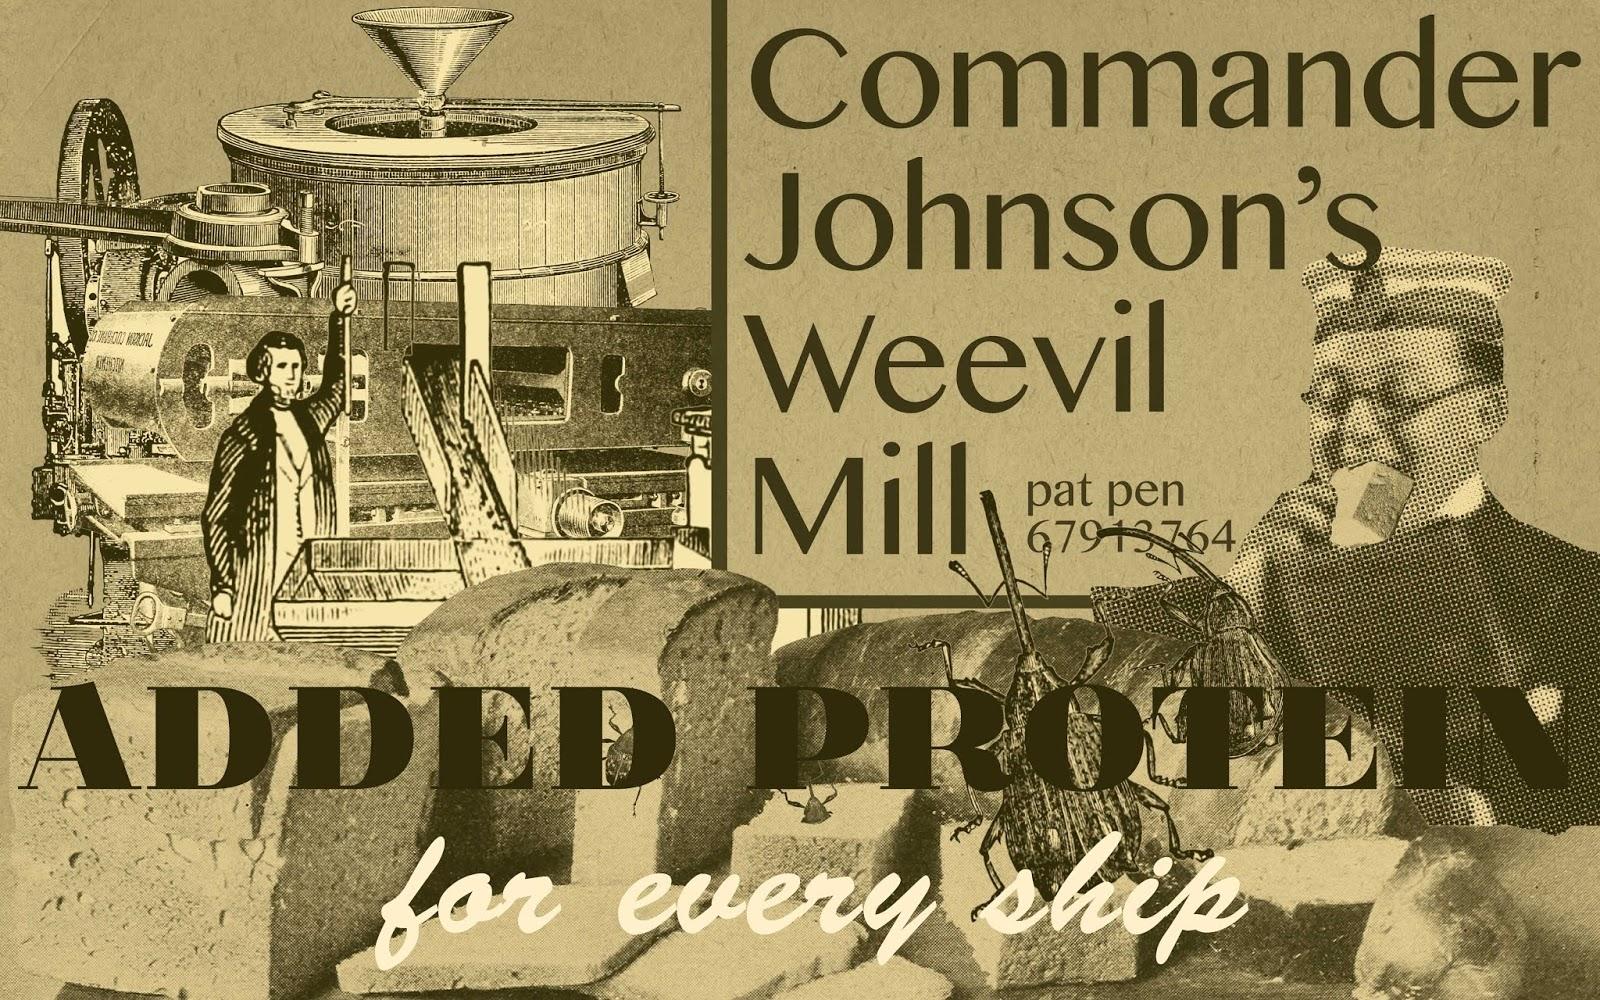 Commander Johnson's Weevil Mill